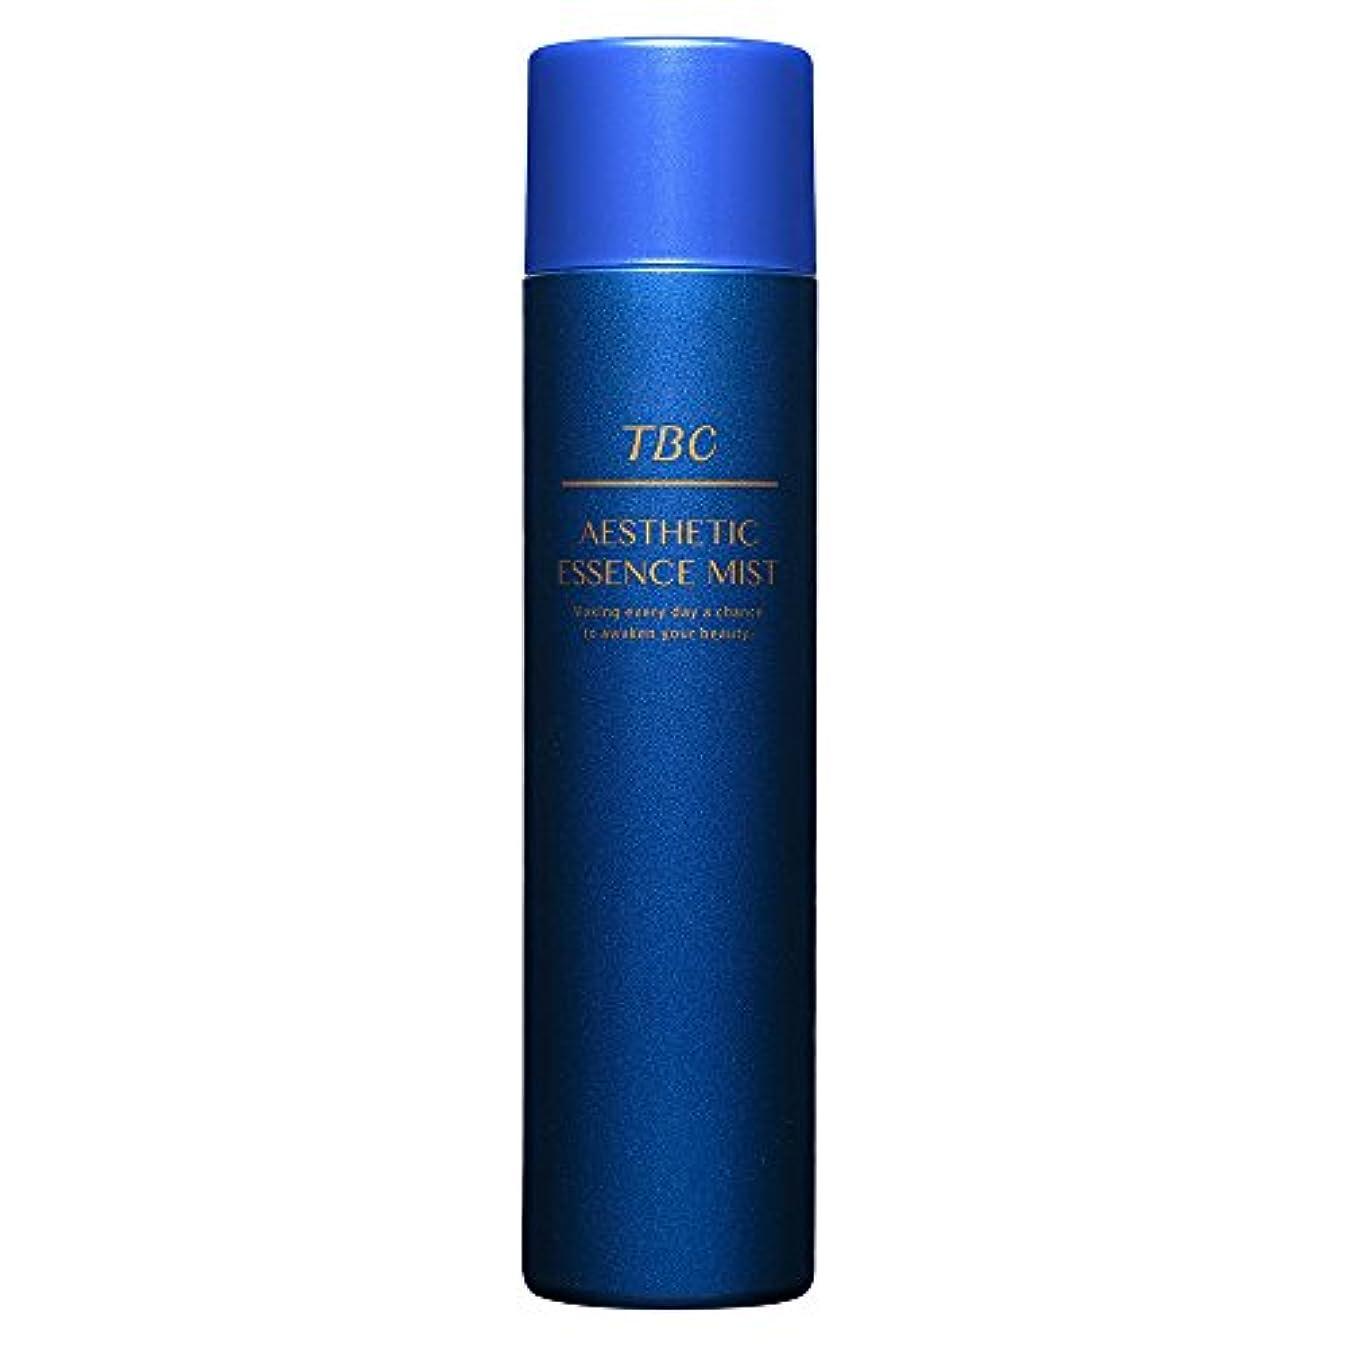 冷蔵するボウルサージTBC エステティックエッセンスミスト 化粧水/炭酸ミスト/美容液/スプレータイプ/エステ